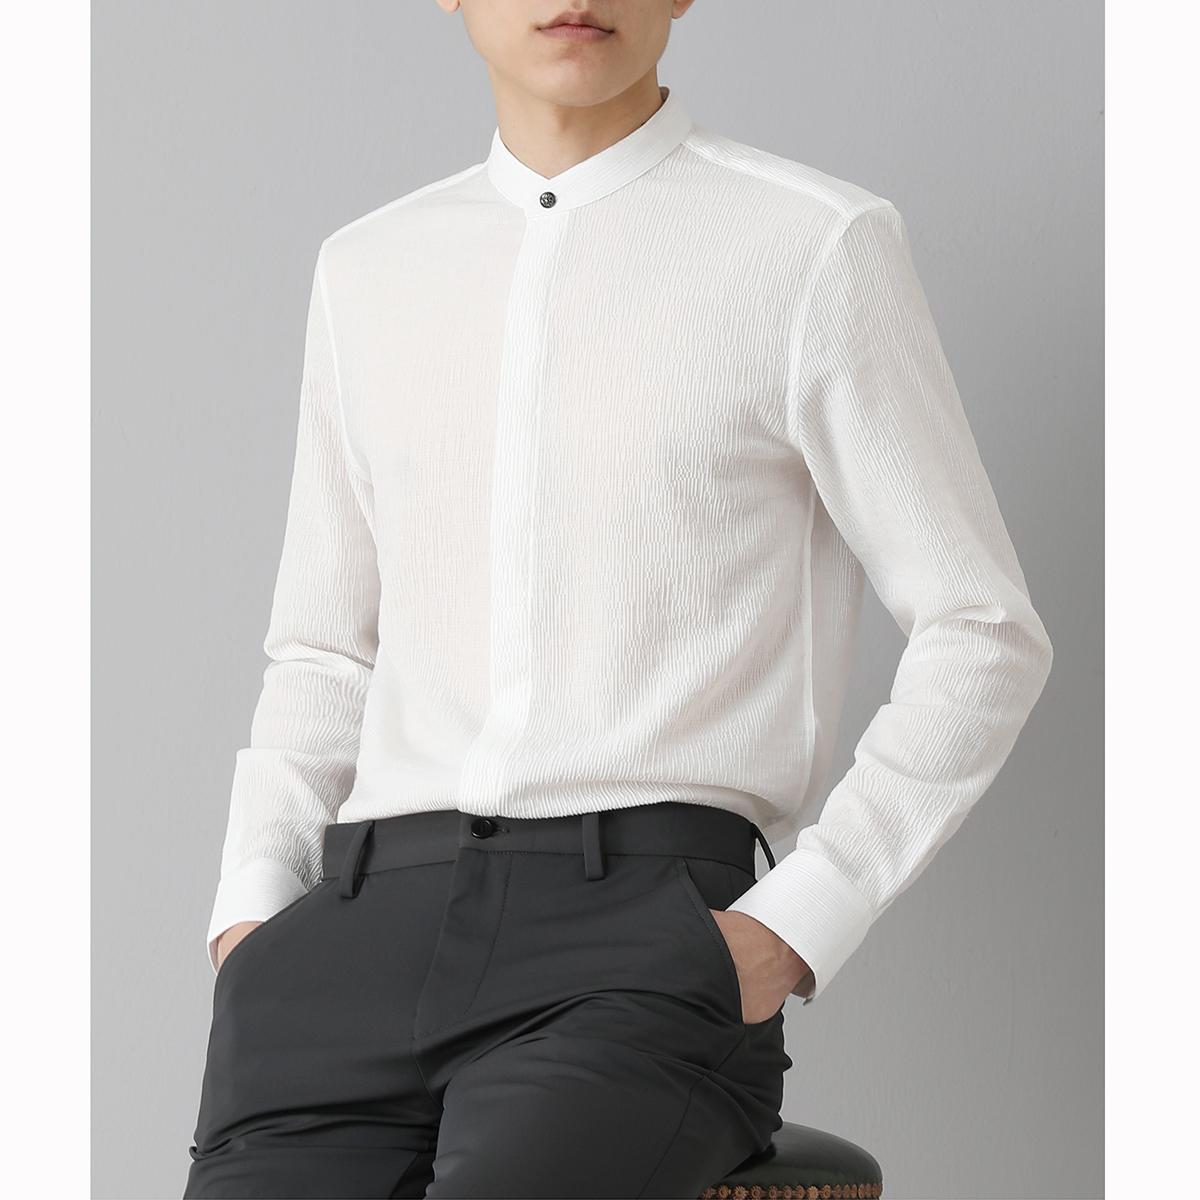 Мужские рубашки Артикул 624168692434